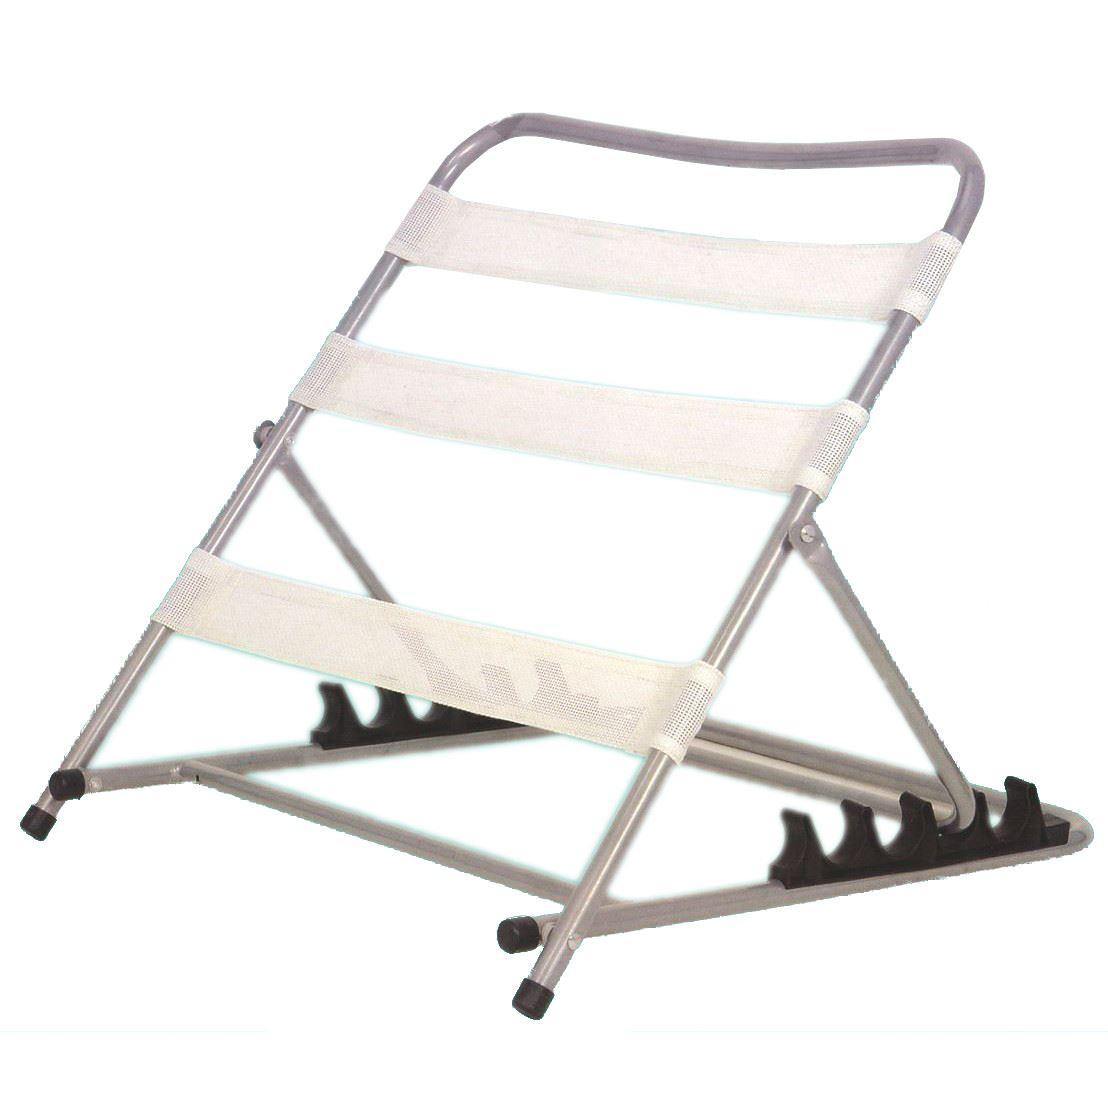 Adjustable Backrest Bed Support : Buy get free adjustable backrest back rest support bed